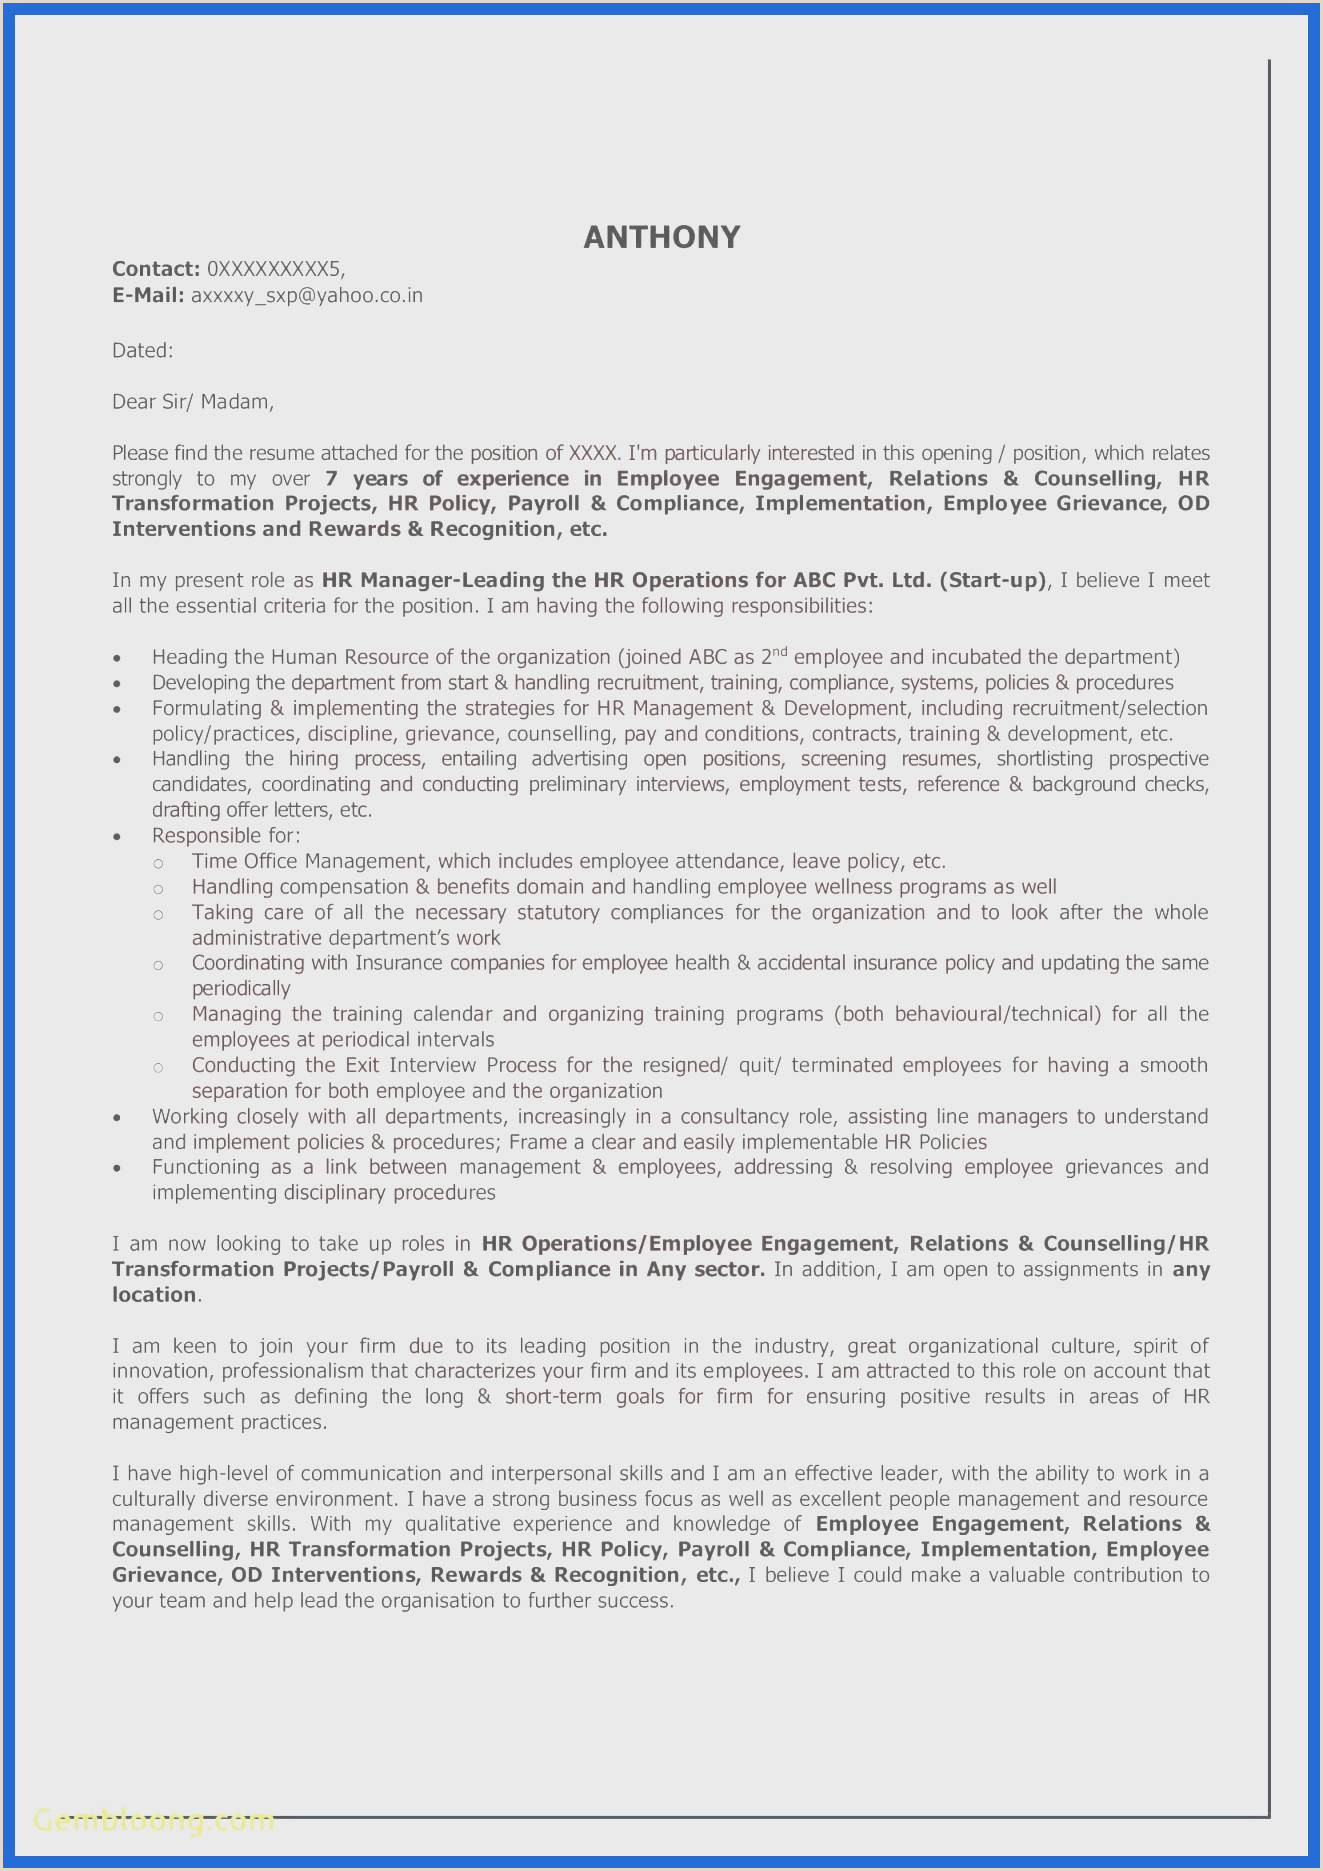 Modele Cv Open fice Meilleur De 10 Open Fice Resume